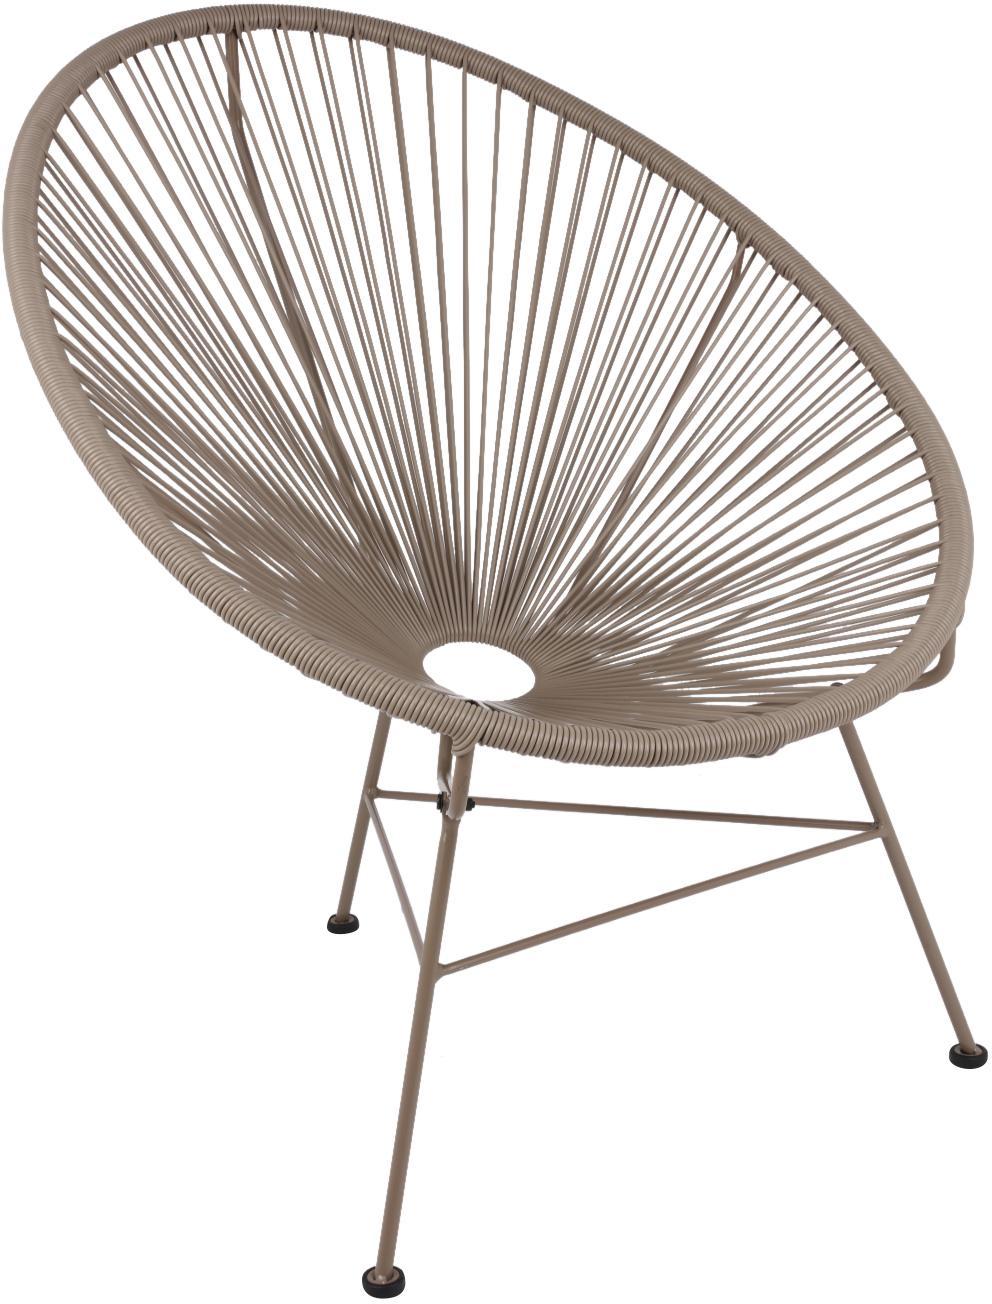 Loungesessel Bahia aus Kunststoff-Geflecht, Sitzfläche: Kunststoff, Gestell: Metall, pulverbeschichtet, Kunststoff: Taupe. Gestell: Taupe, B 81 x T 73 cm